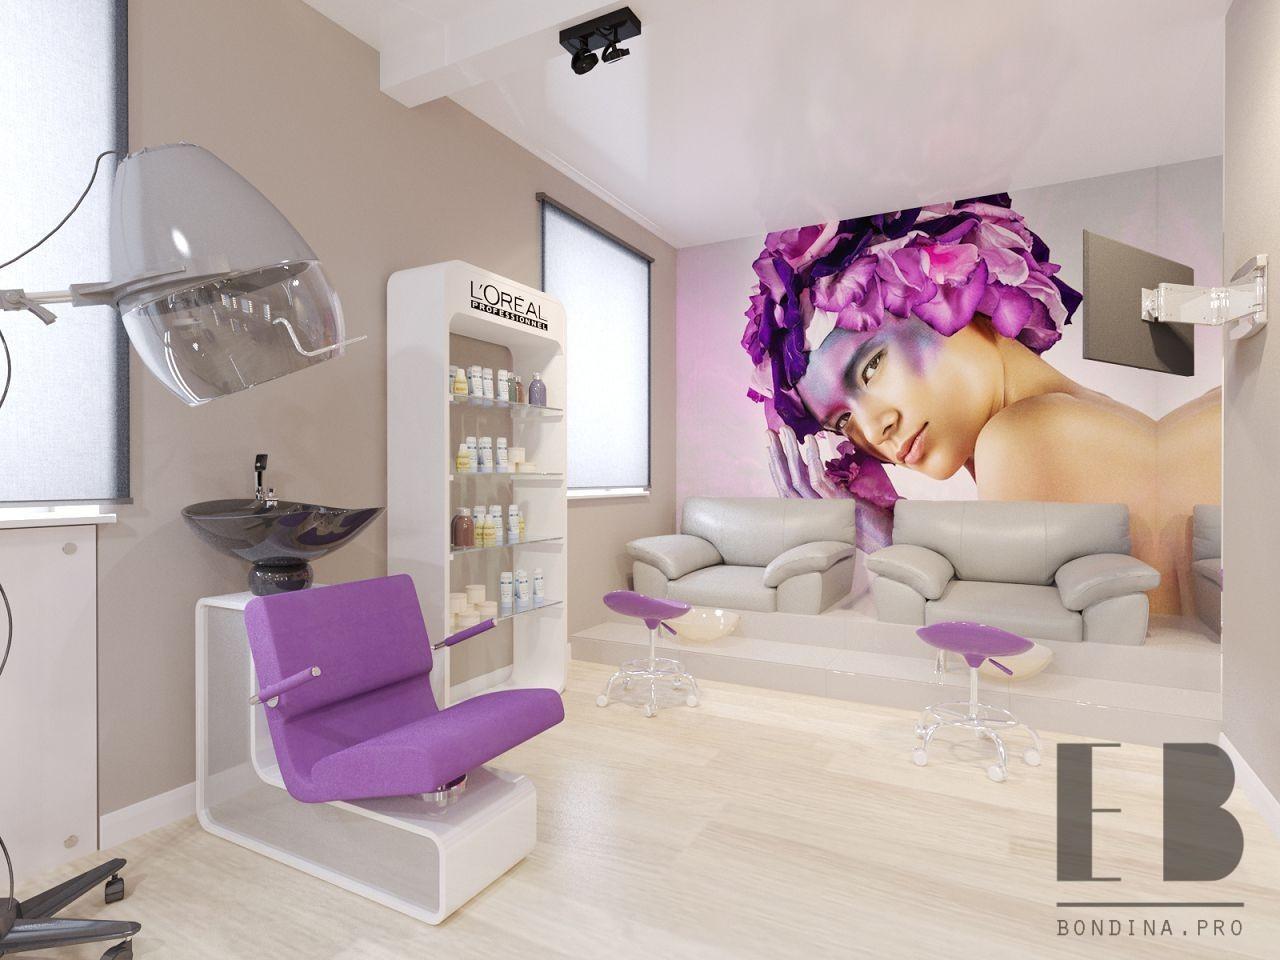 Hairdresser washing interior design